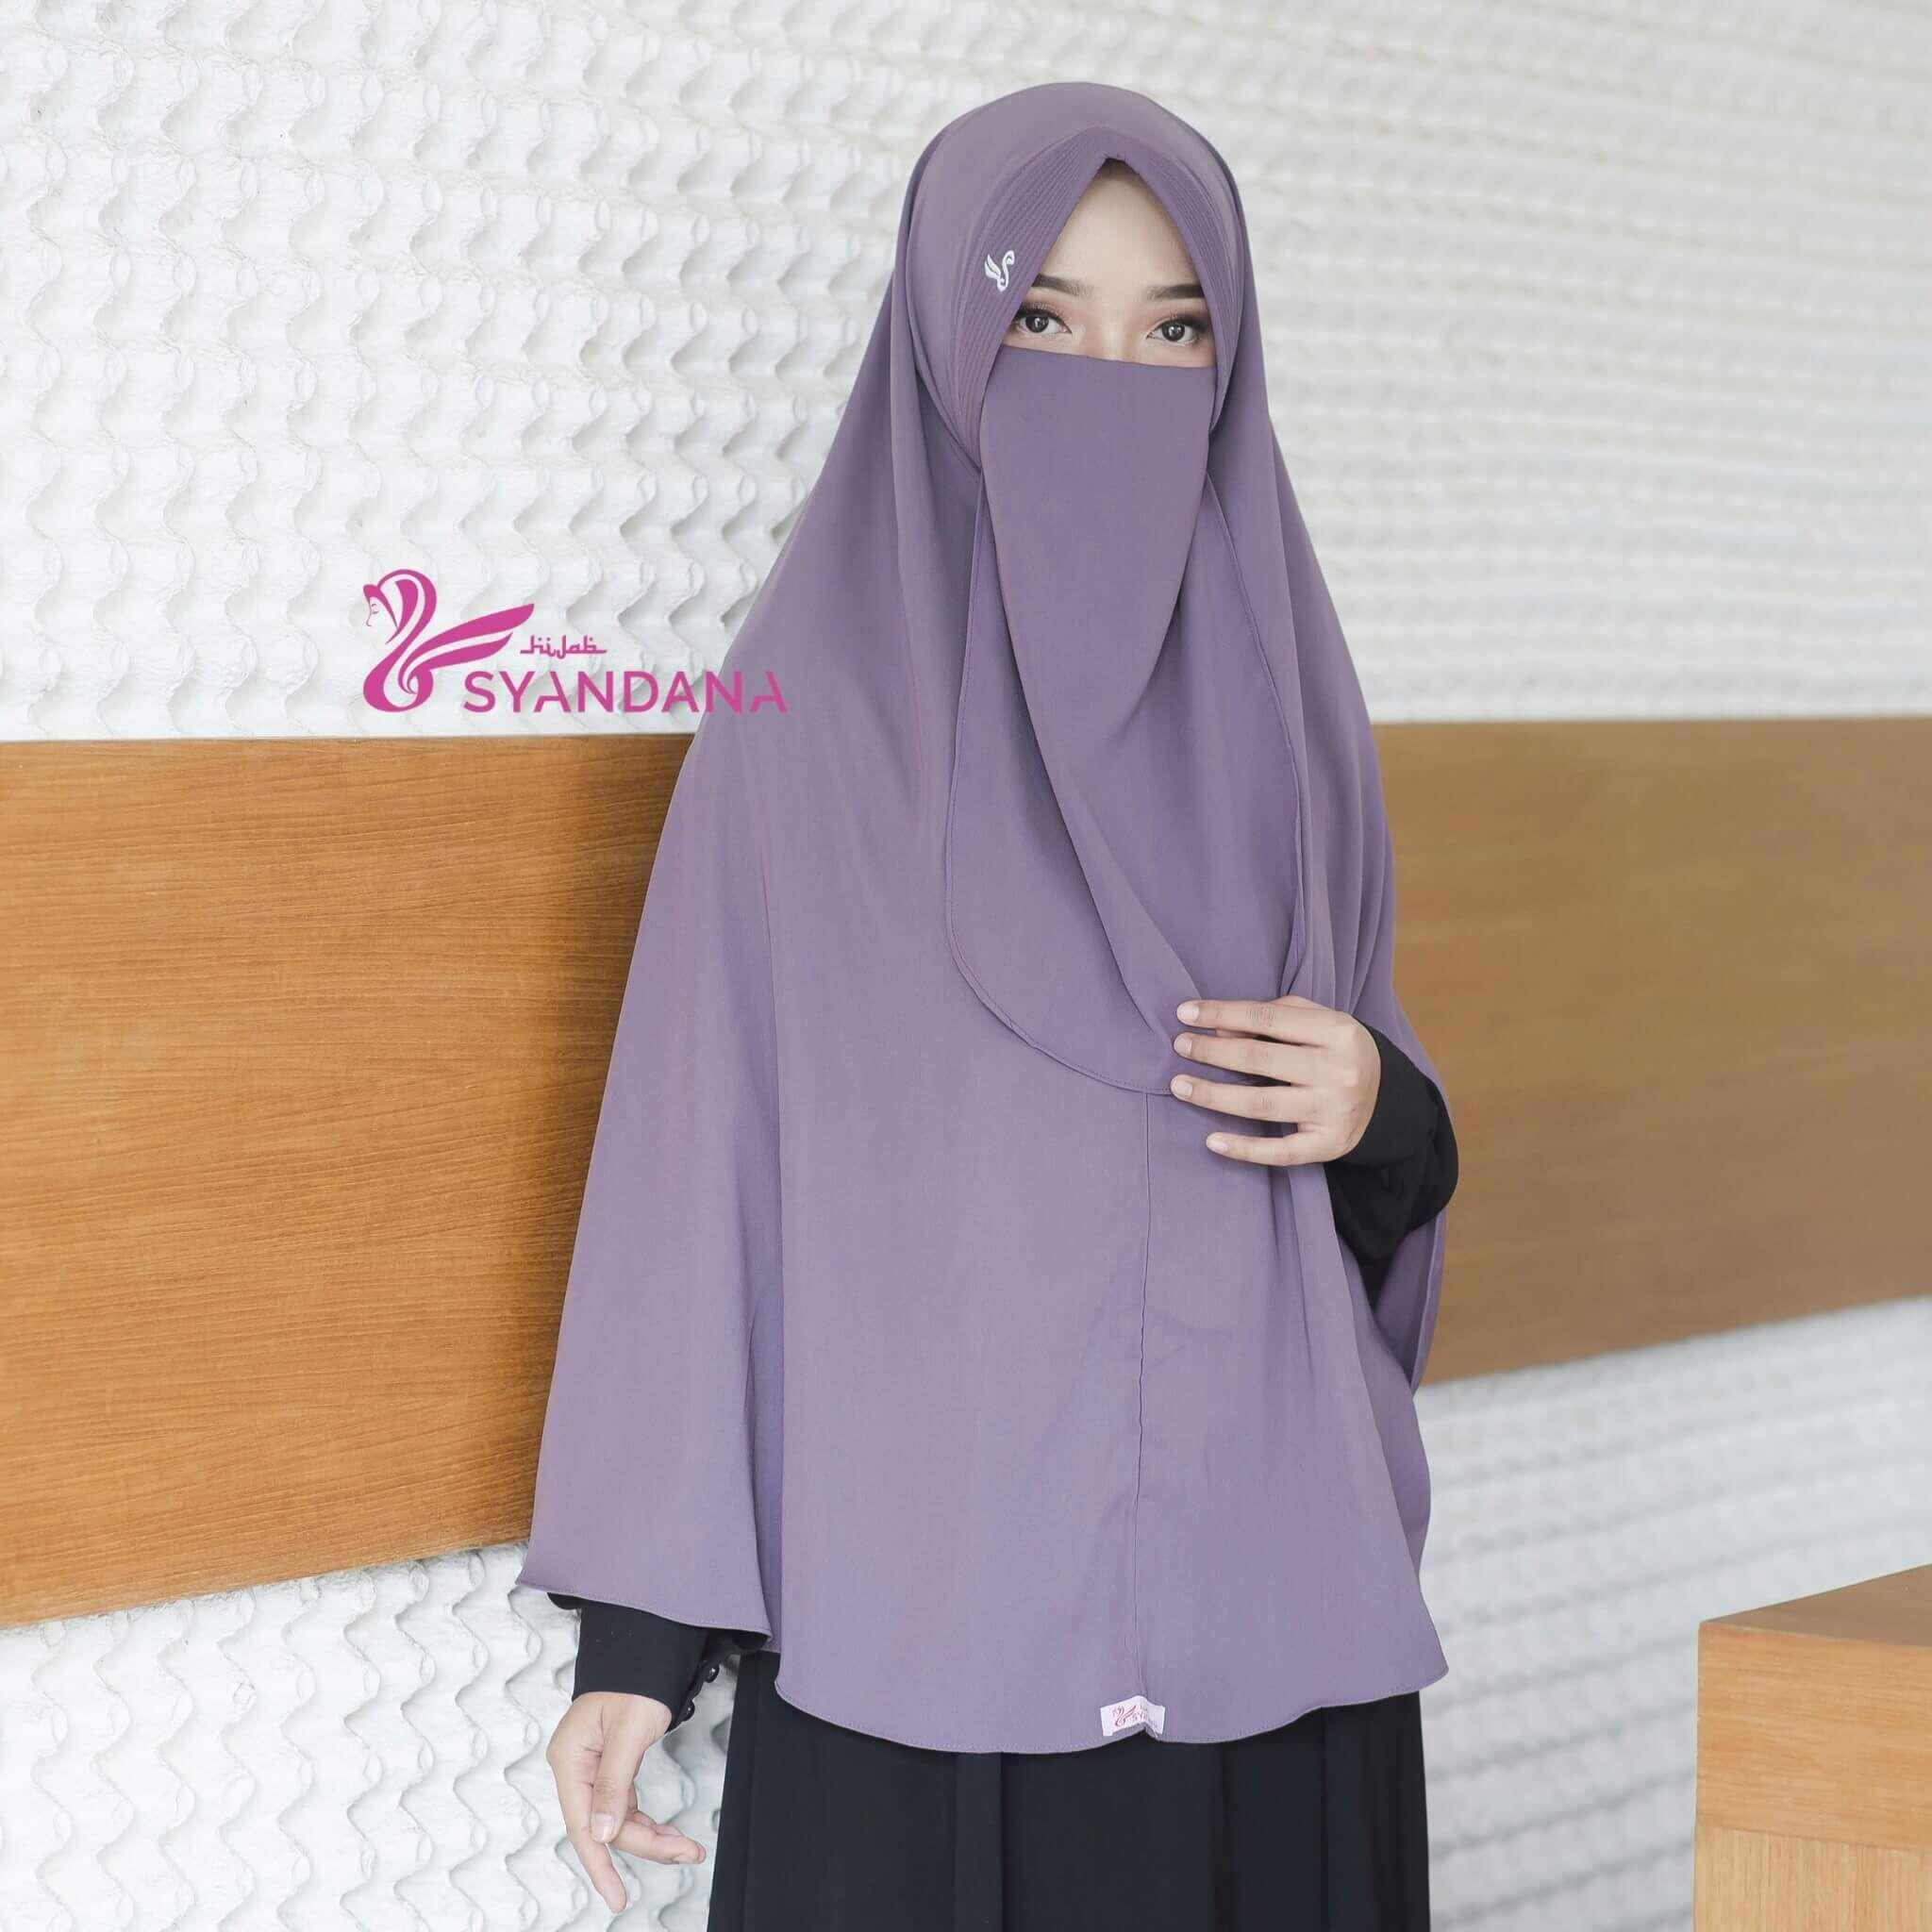 Jual Jilbab Syari Bergo Murah Jakarta Untuk Pemesanan Jilbab Bergo Murah Syar I Jakarta Bisa Hubungi Sms Whatsapp Penjualan